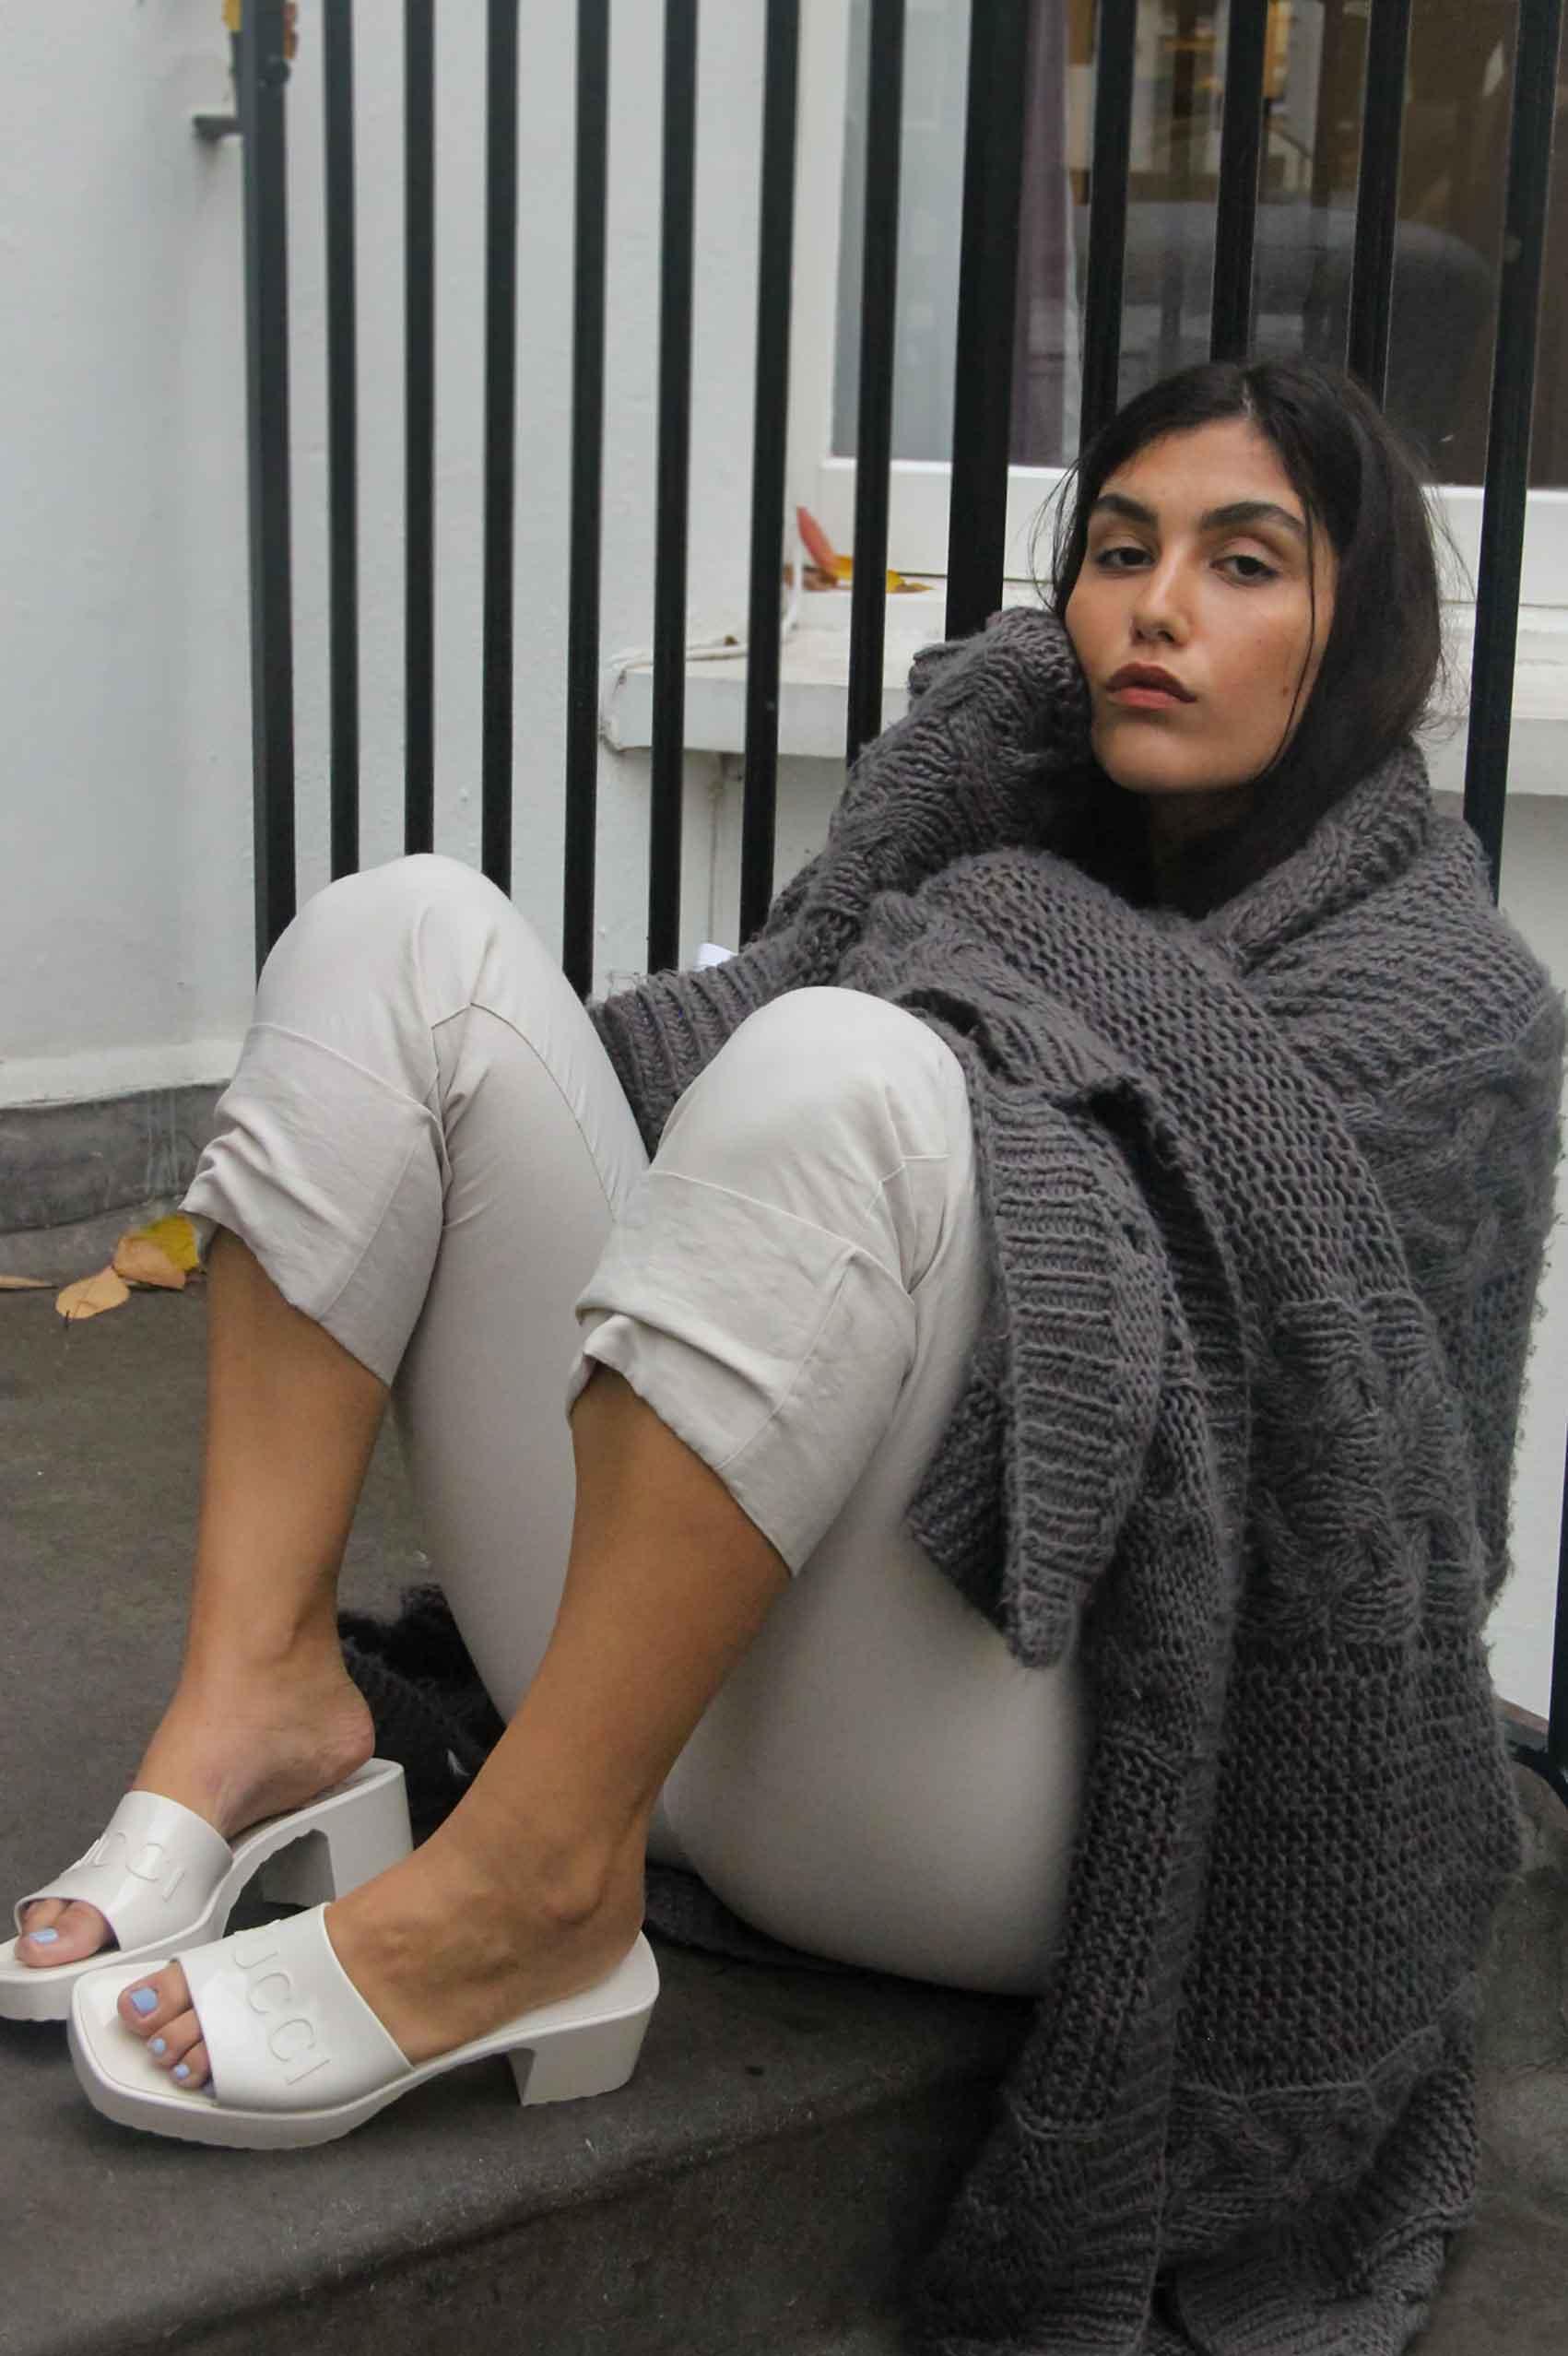 אופנה_קורונה_מגזין_אופנה_דיגטלי